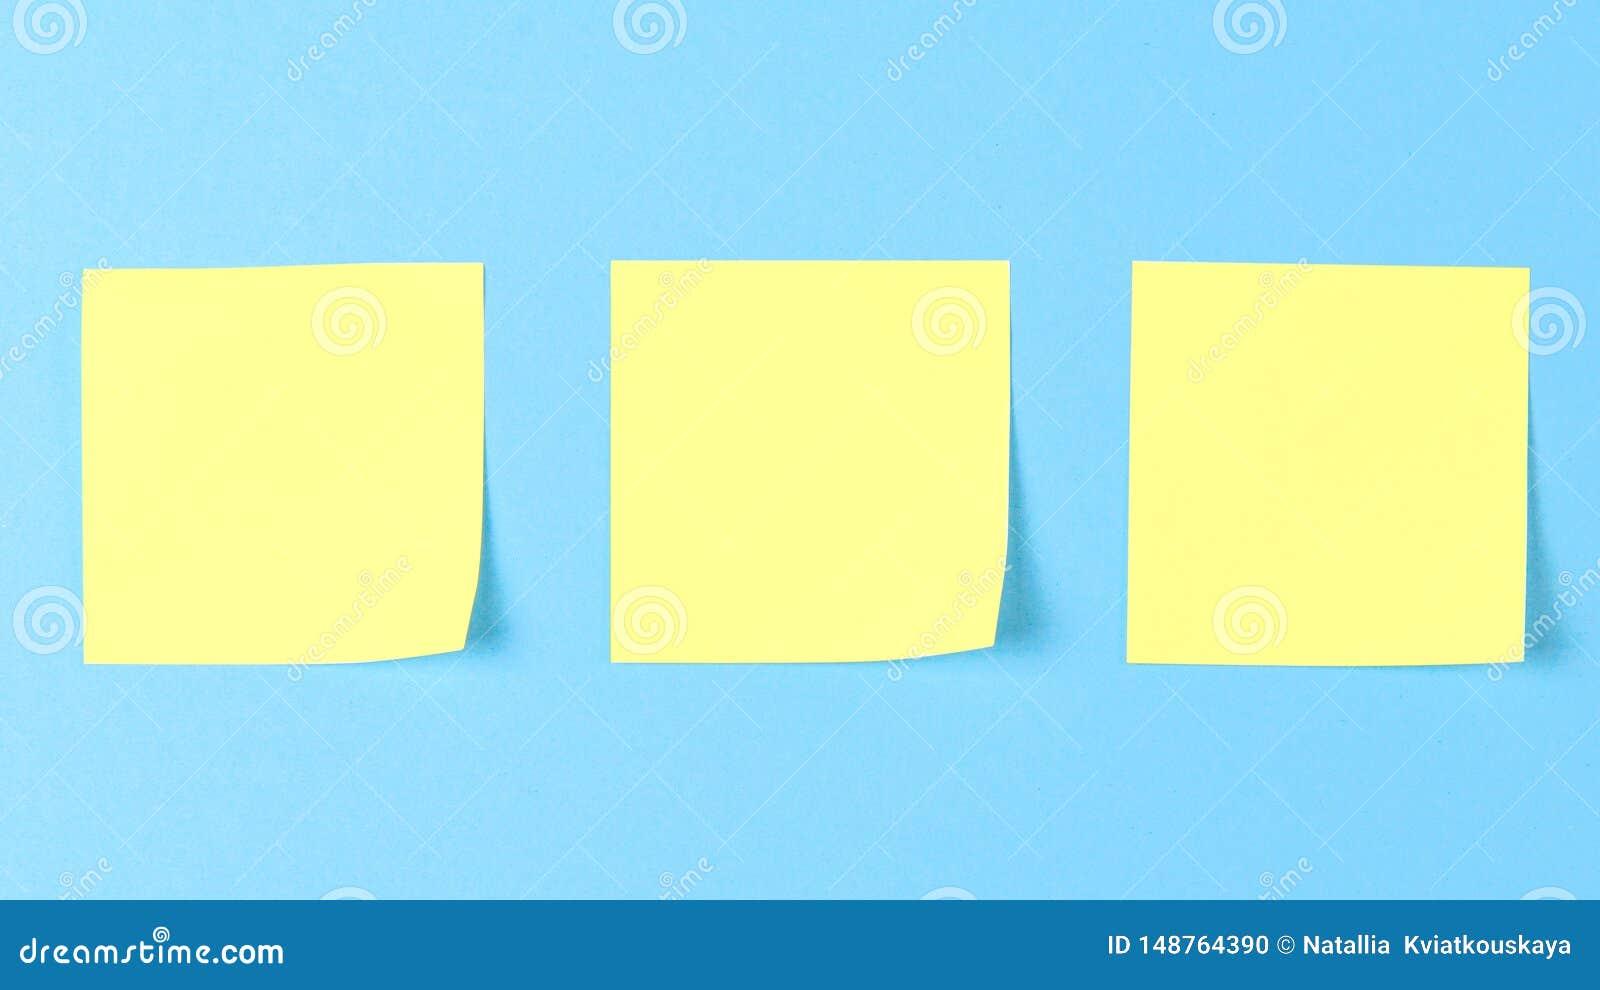 关于蓝色背景的空白黄色稠粘的笔记,企业工作的概念 在蓝色墙壁上的黄色备忘录贴纸 r